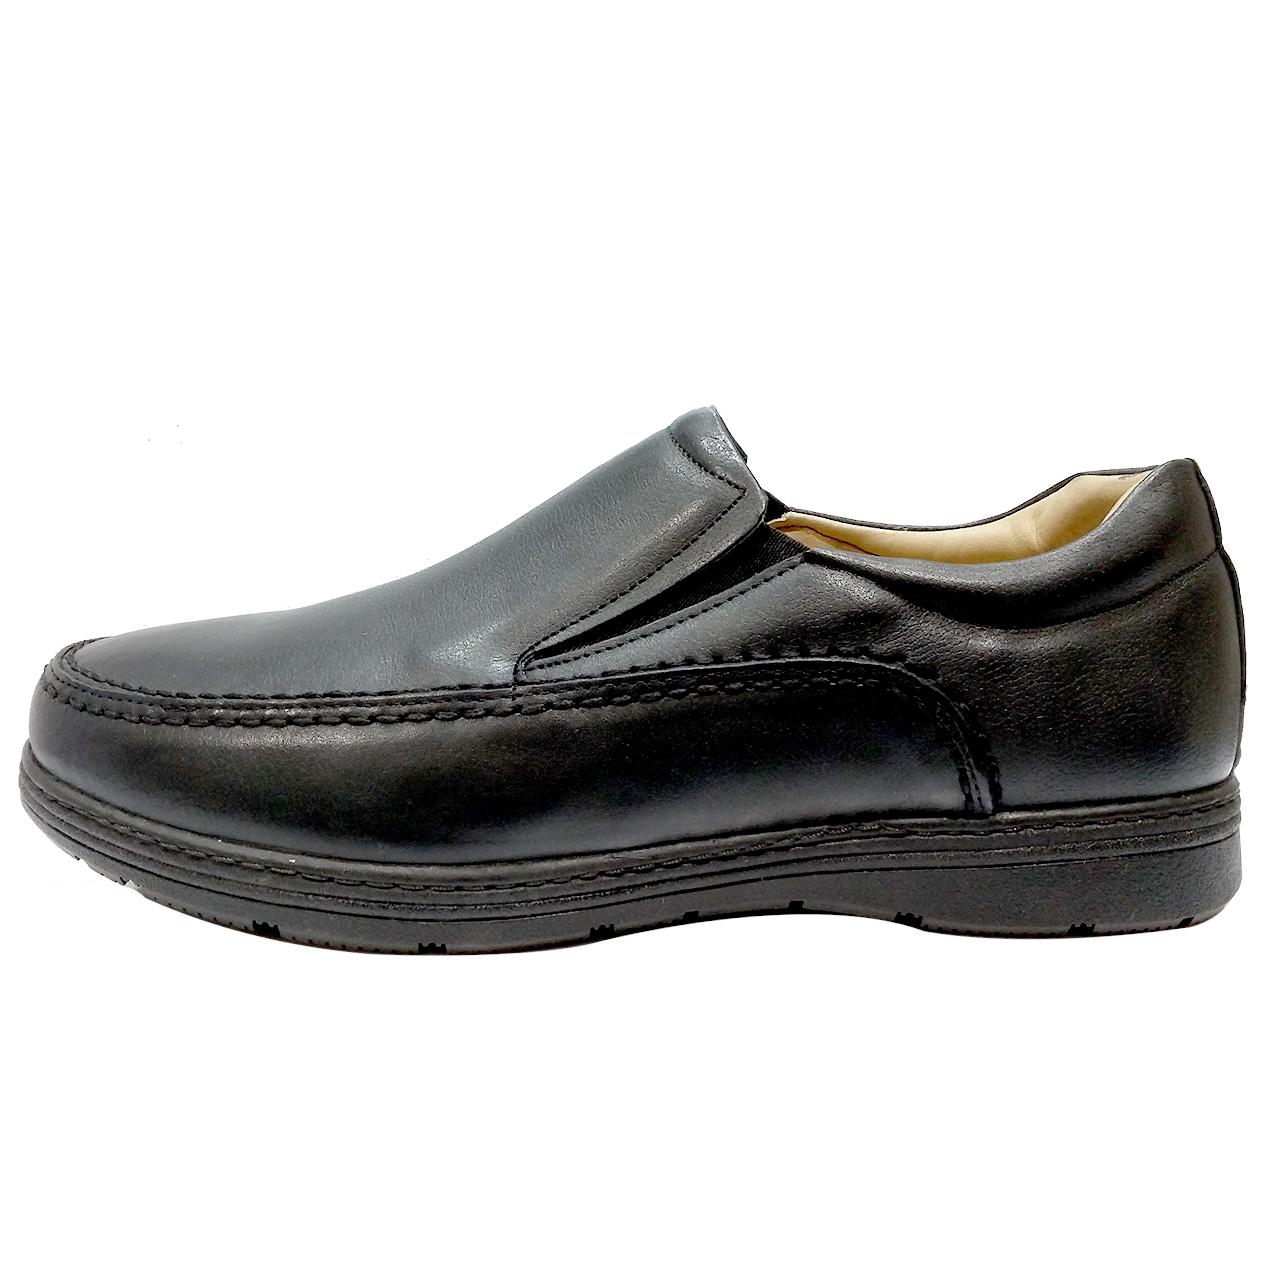 کفش طبی مردانه پاتکان مدل PADA